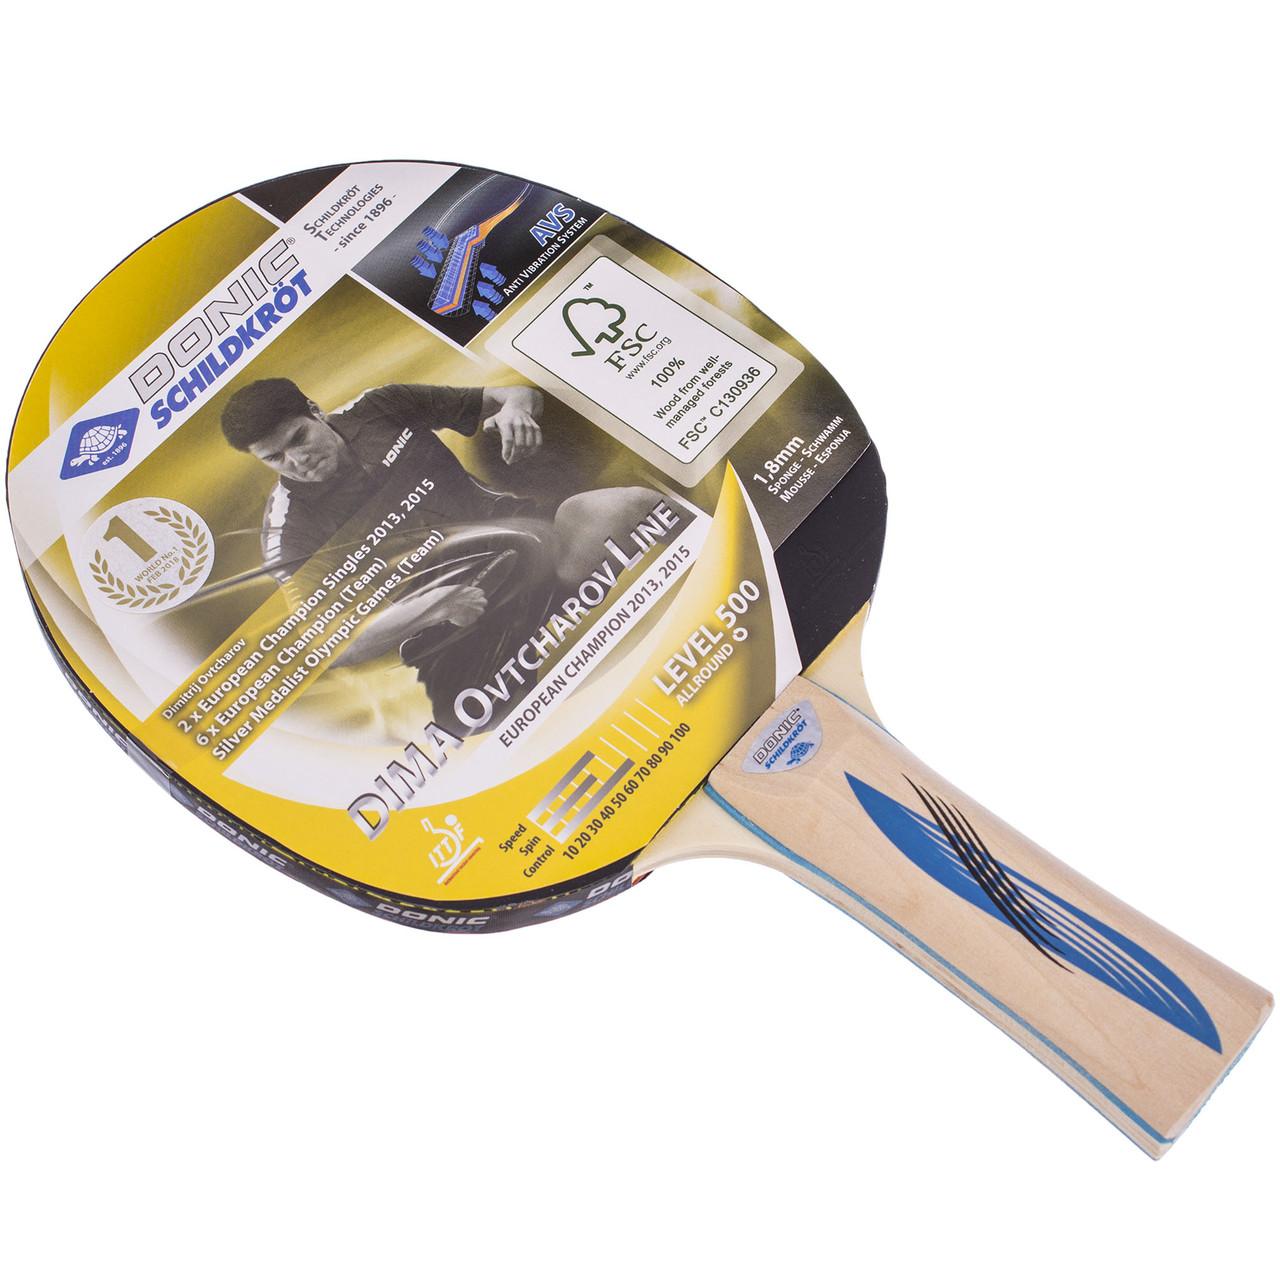 Ракетка для настольного тенниса (1 шт) DONIC LEVEL 500 MT-714405